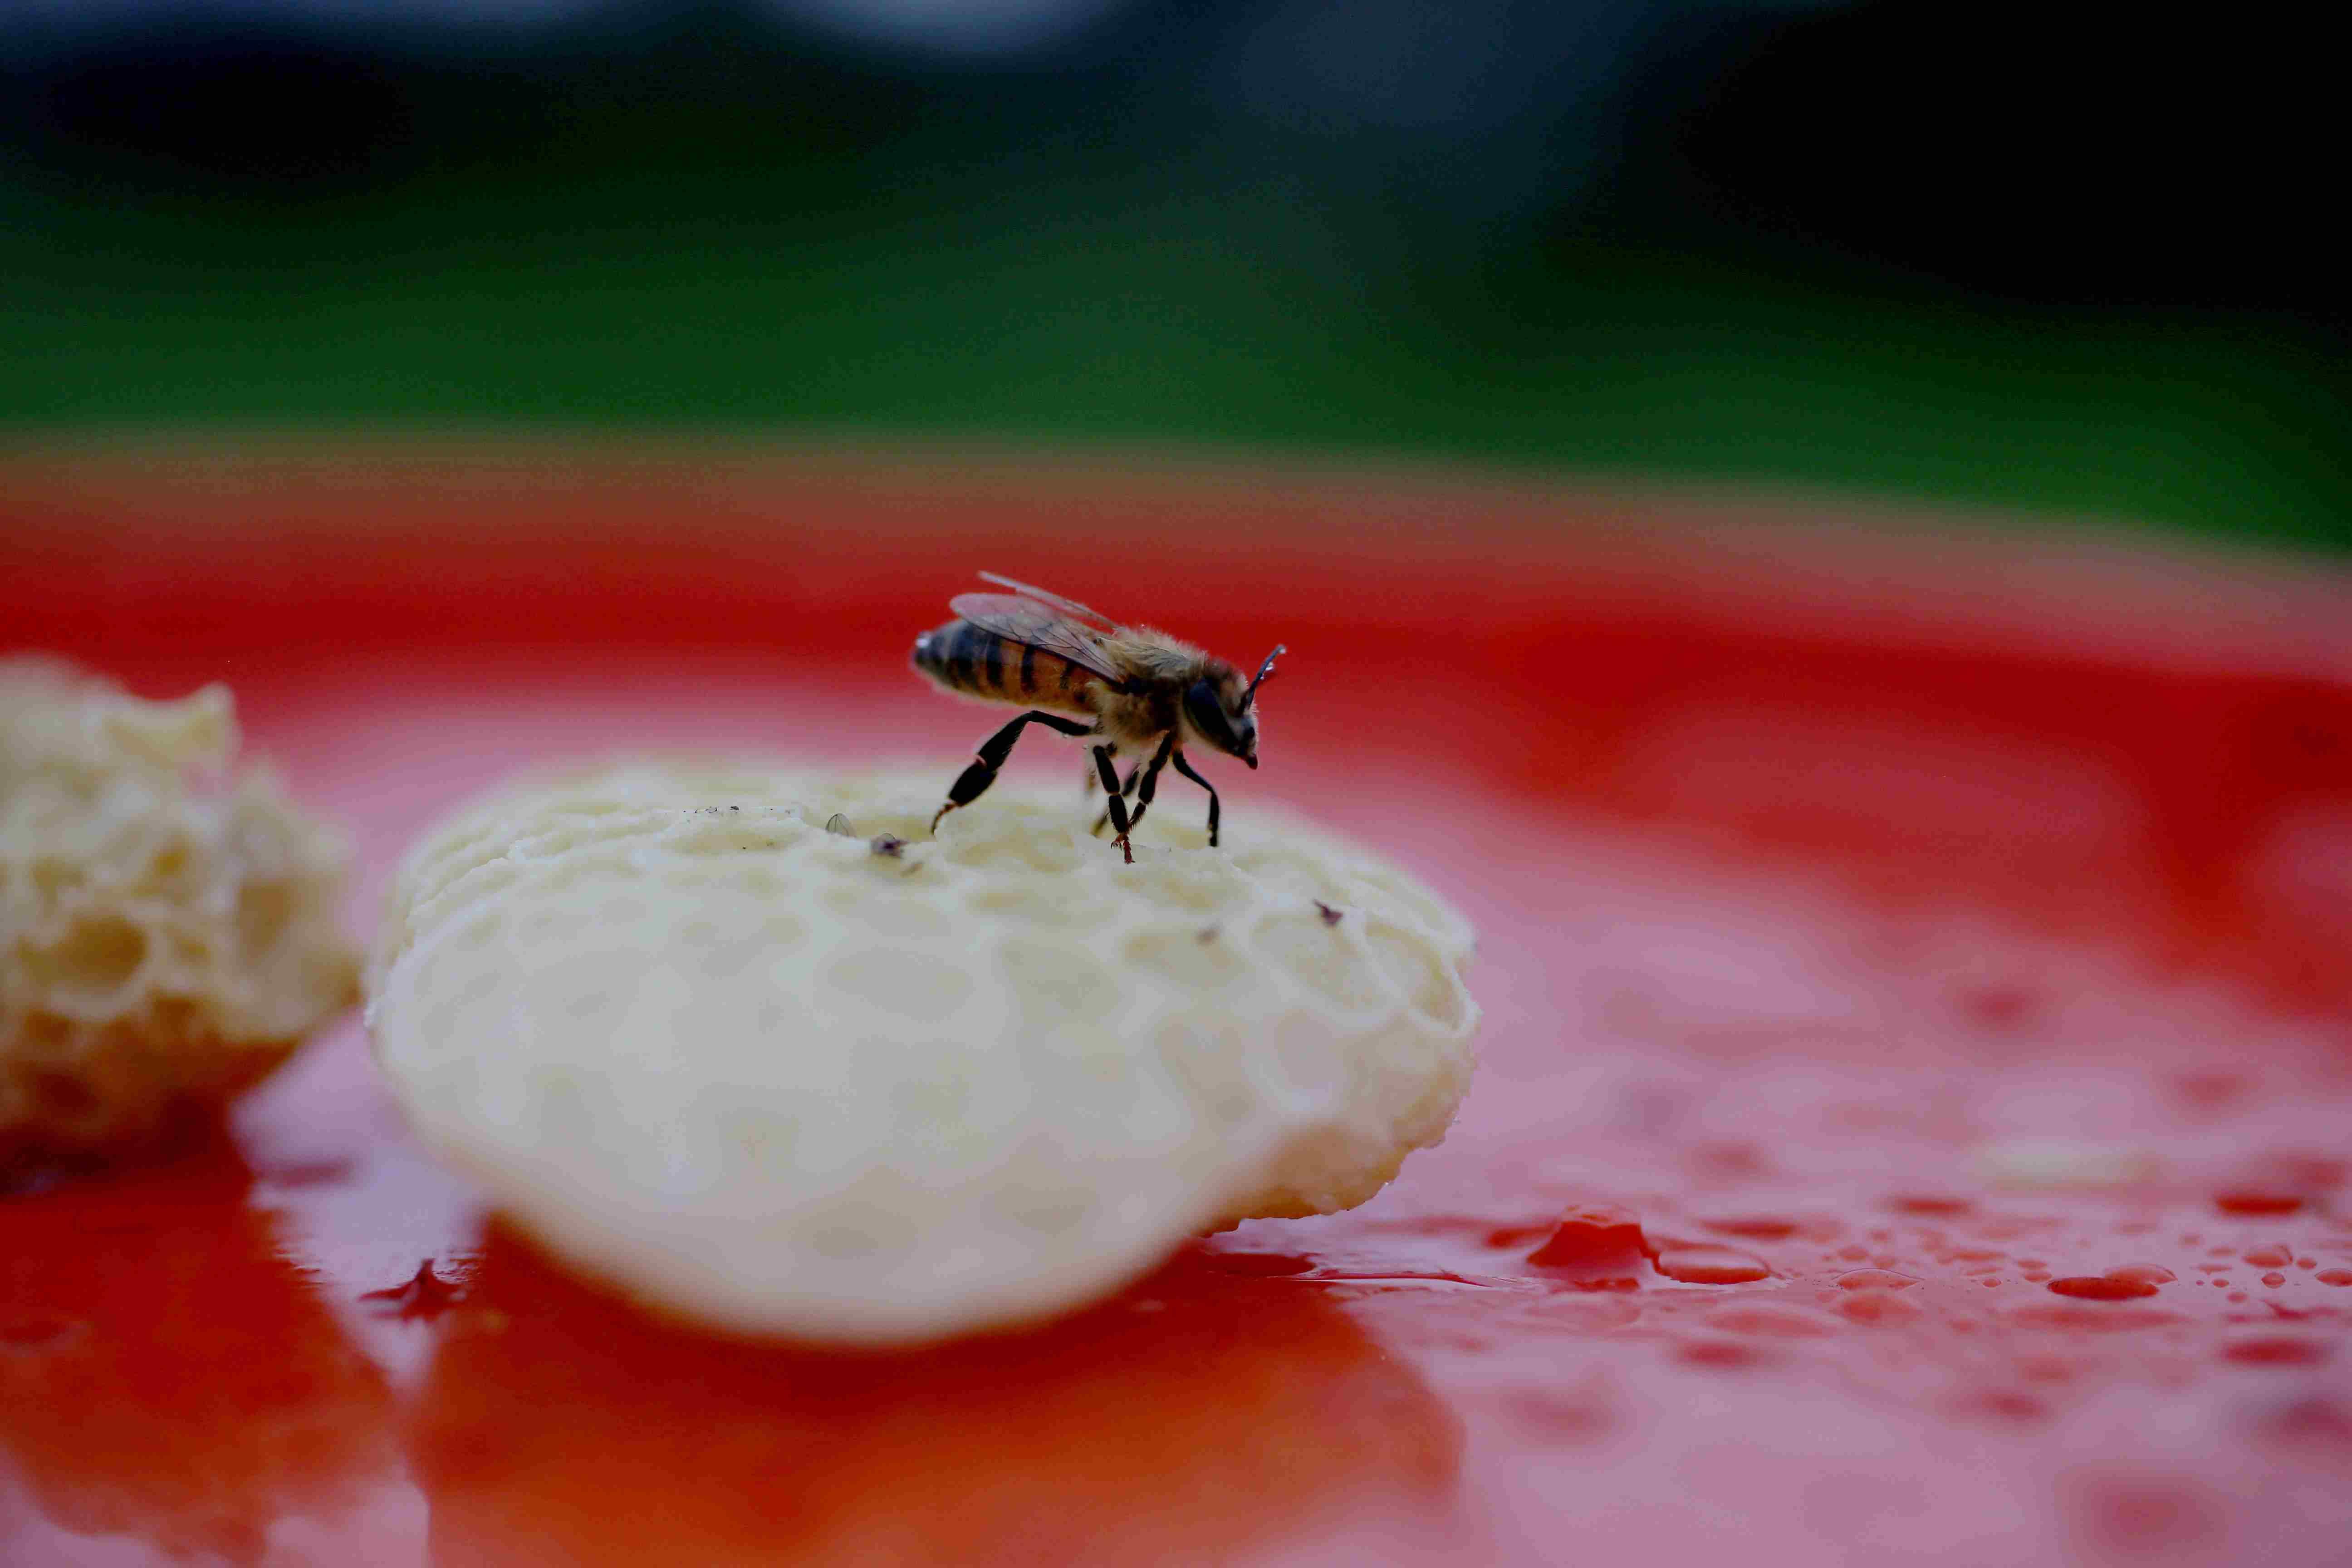 Ο ειδικός της μέλισσας διασώζει ανεπιθύμητες κυψέλες στην προσπάθεια σταθεροποίησης του πληθυσμού των εντόμων